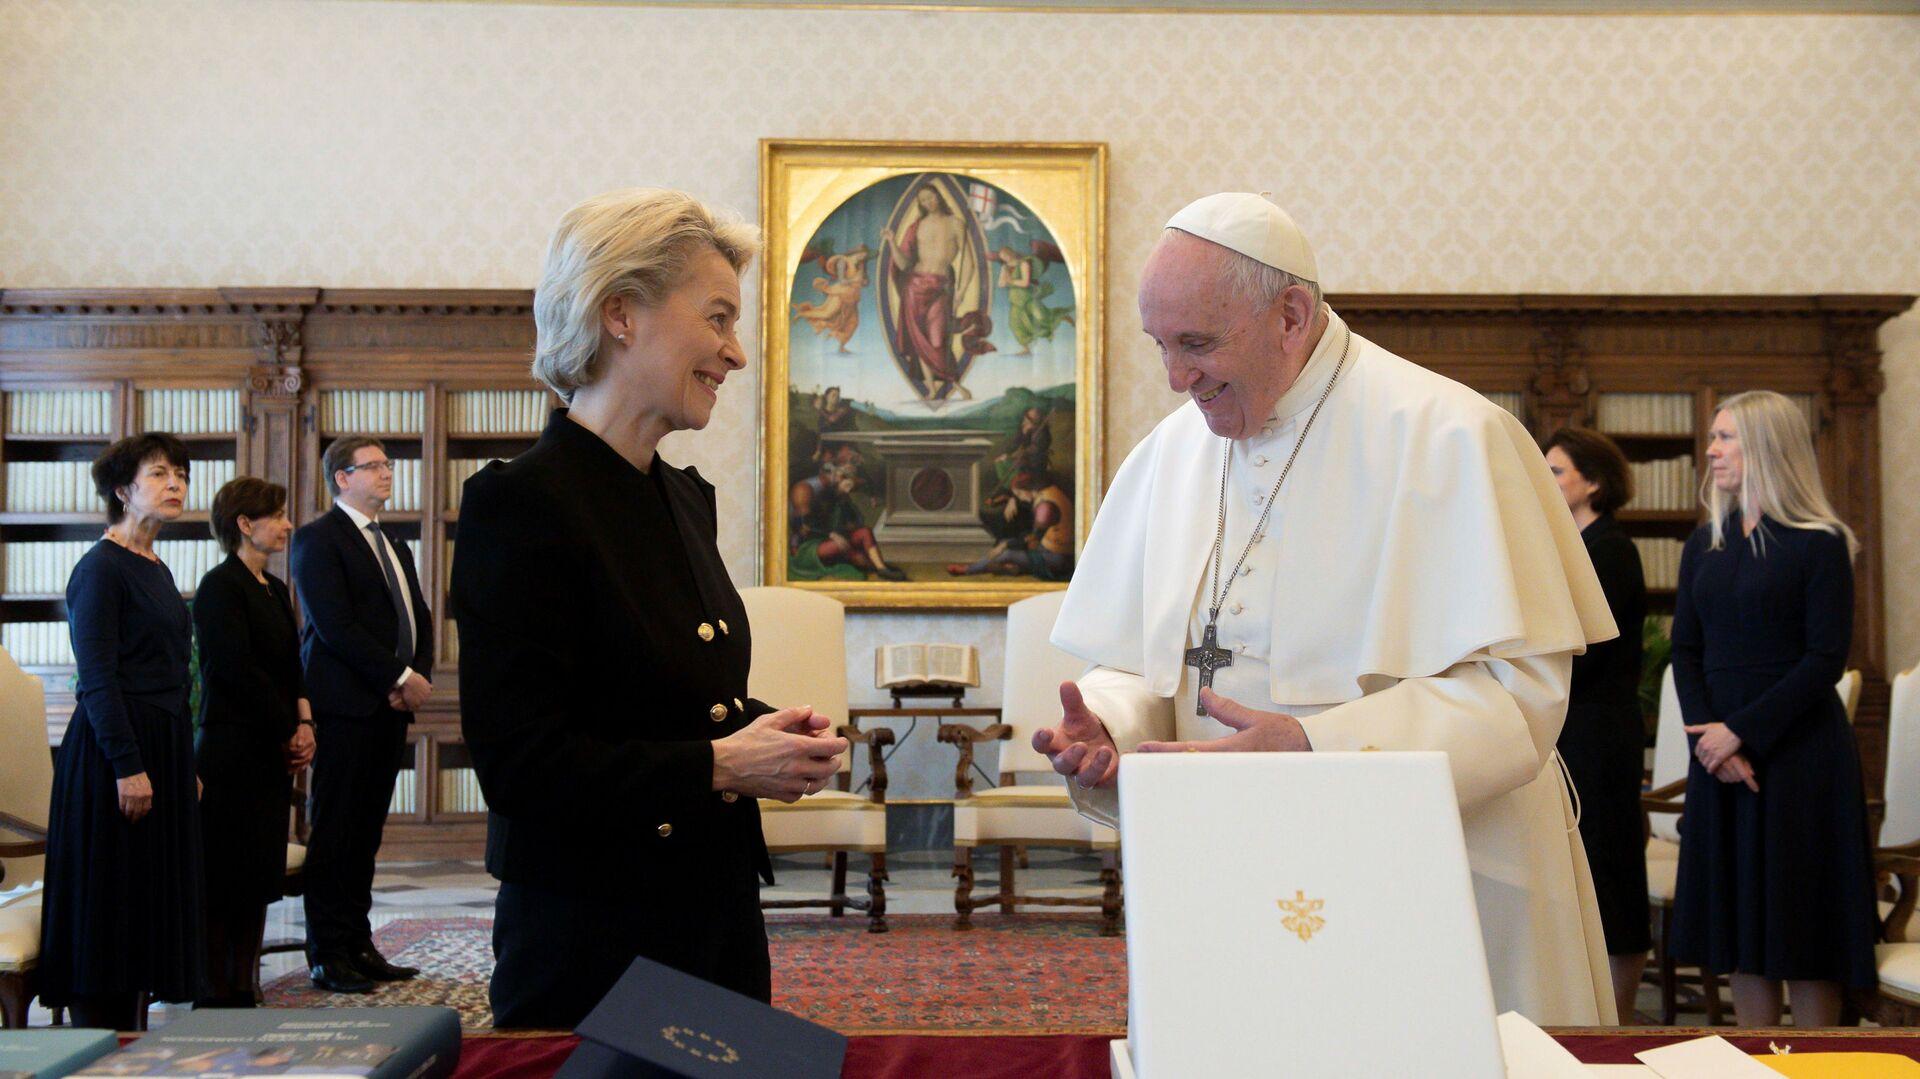 L'incontro tra papa Francesco e Ursula von der Leyen, il 22 maggio del 2021 - Sputnik Italia, 1920, 22.05.2021